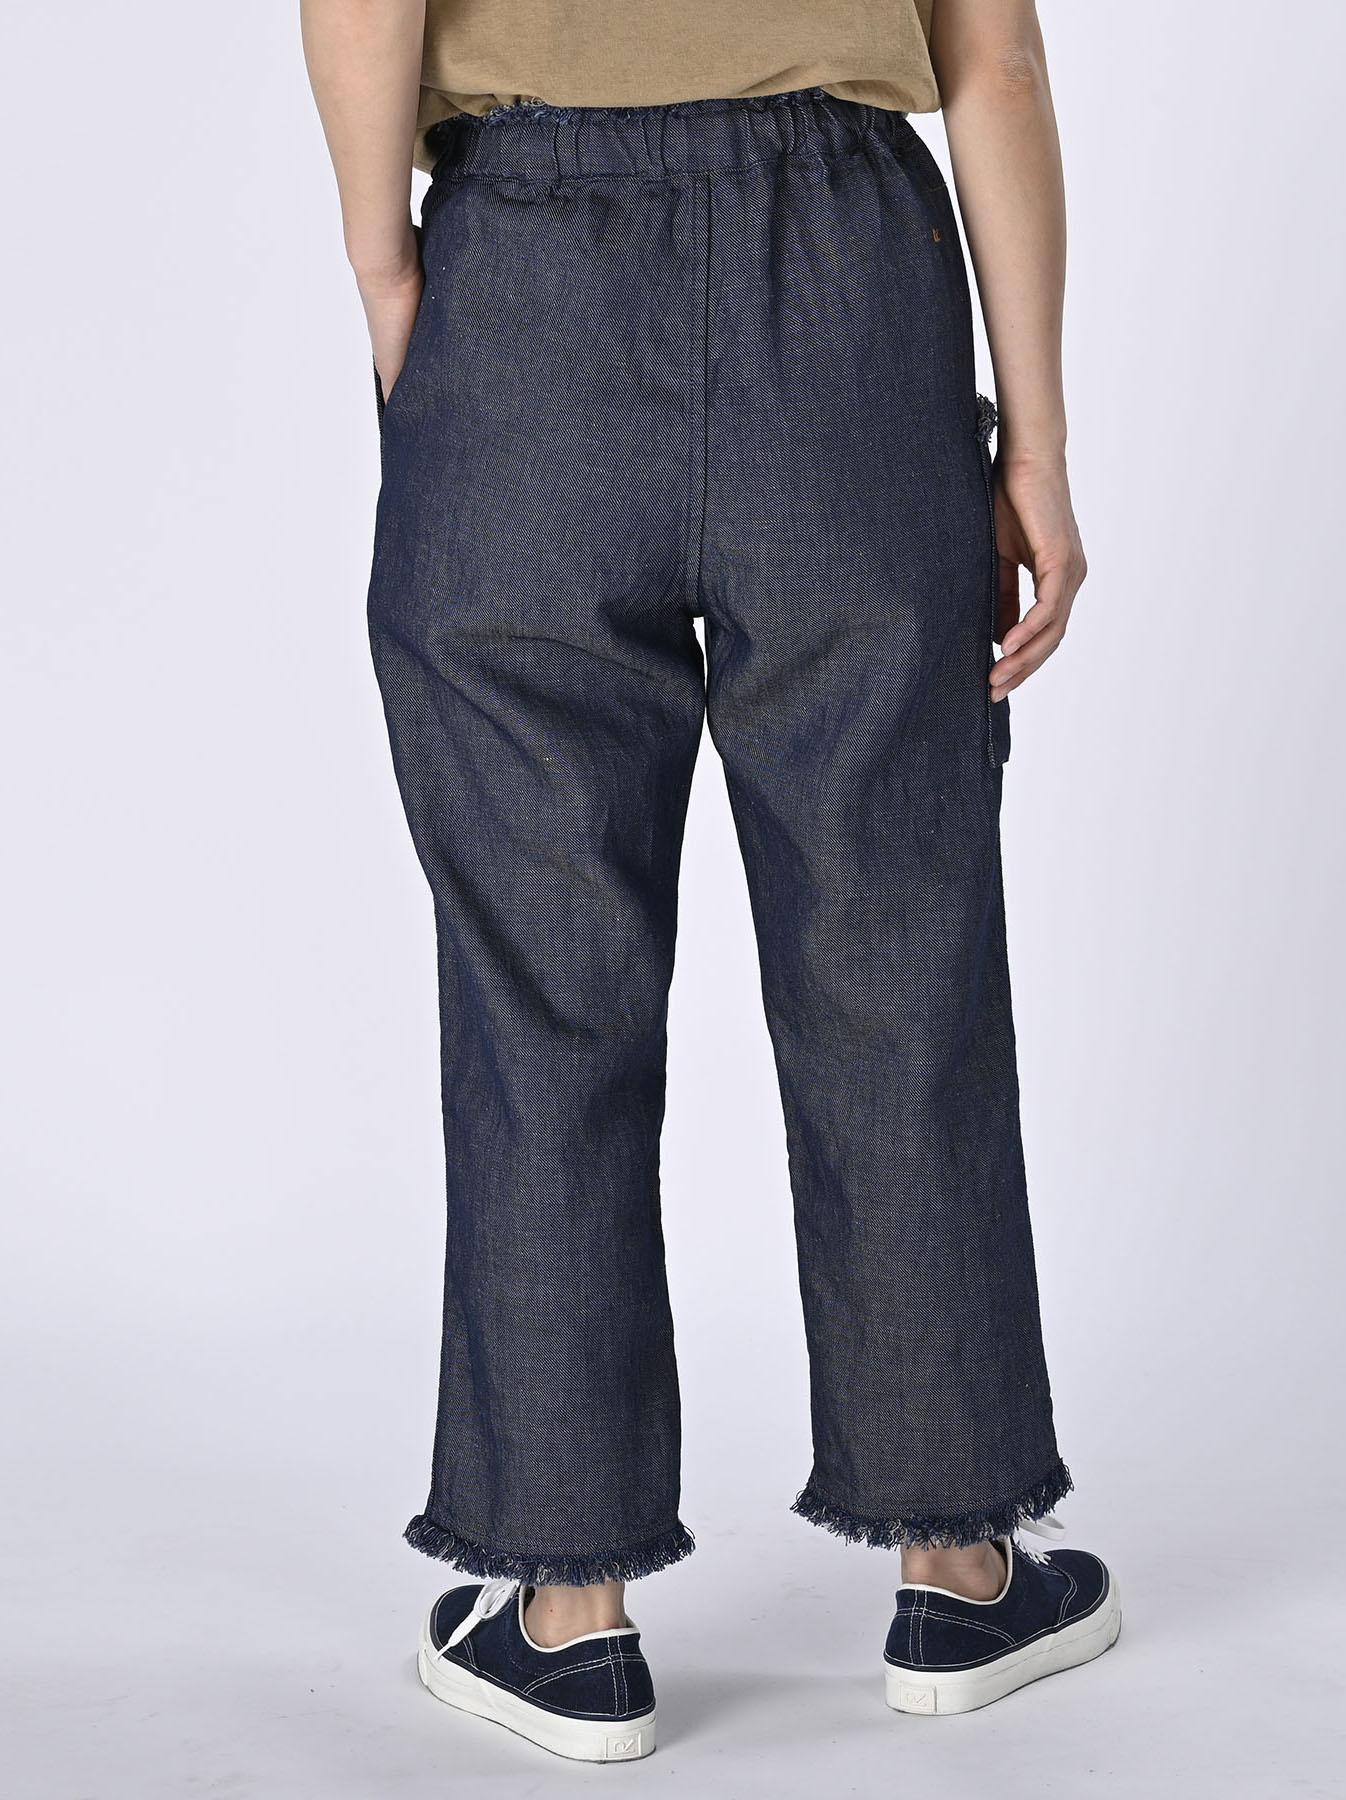 Indigo Cotton Linen Zakkuri Denim Easy Pants (0521)-5